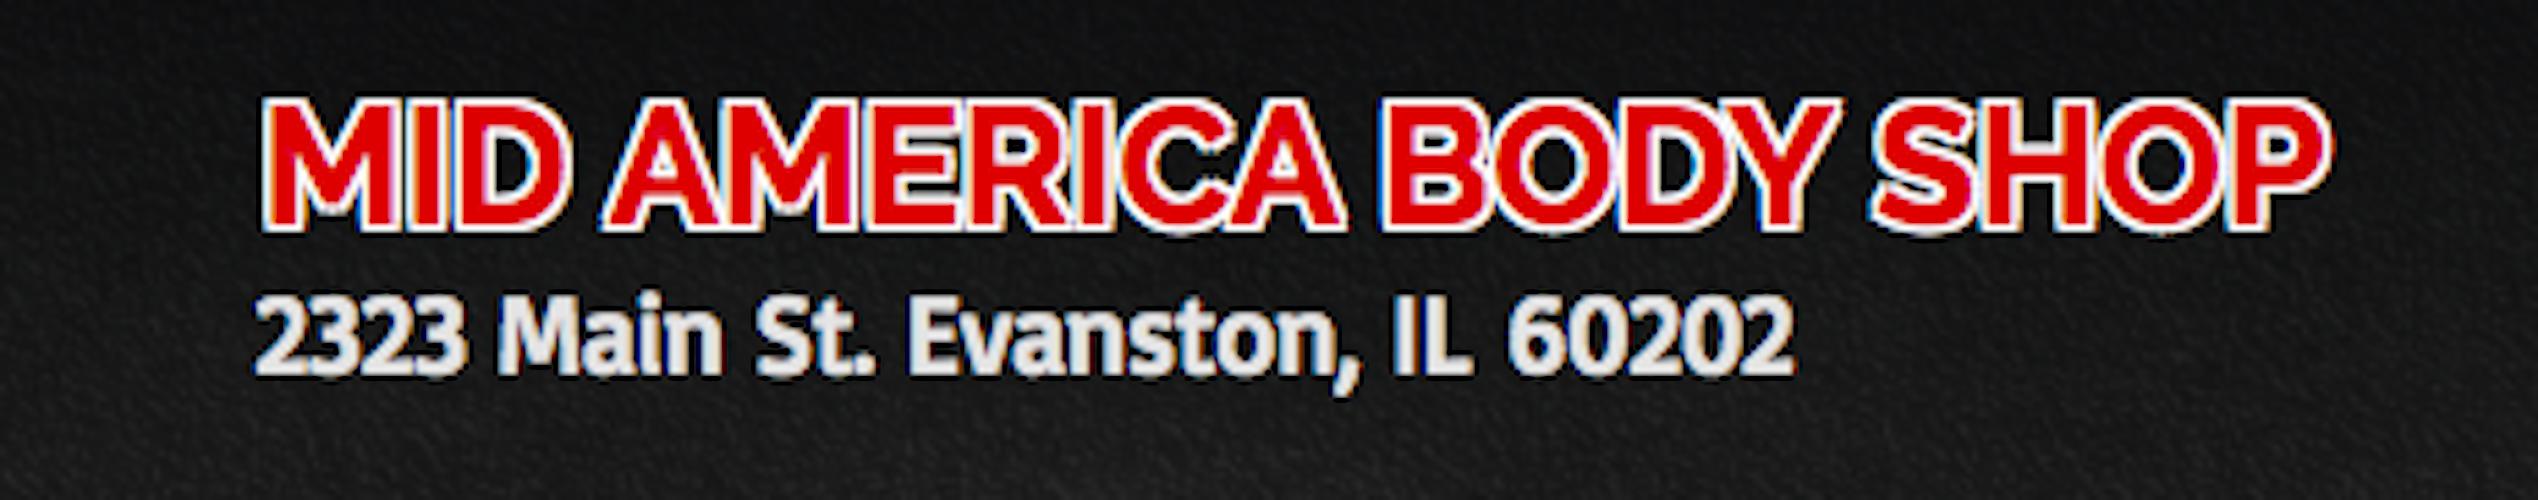 Mid America Body Shop & Complete Auto Repair - Evanston, IL